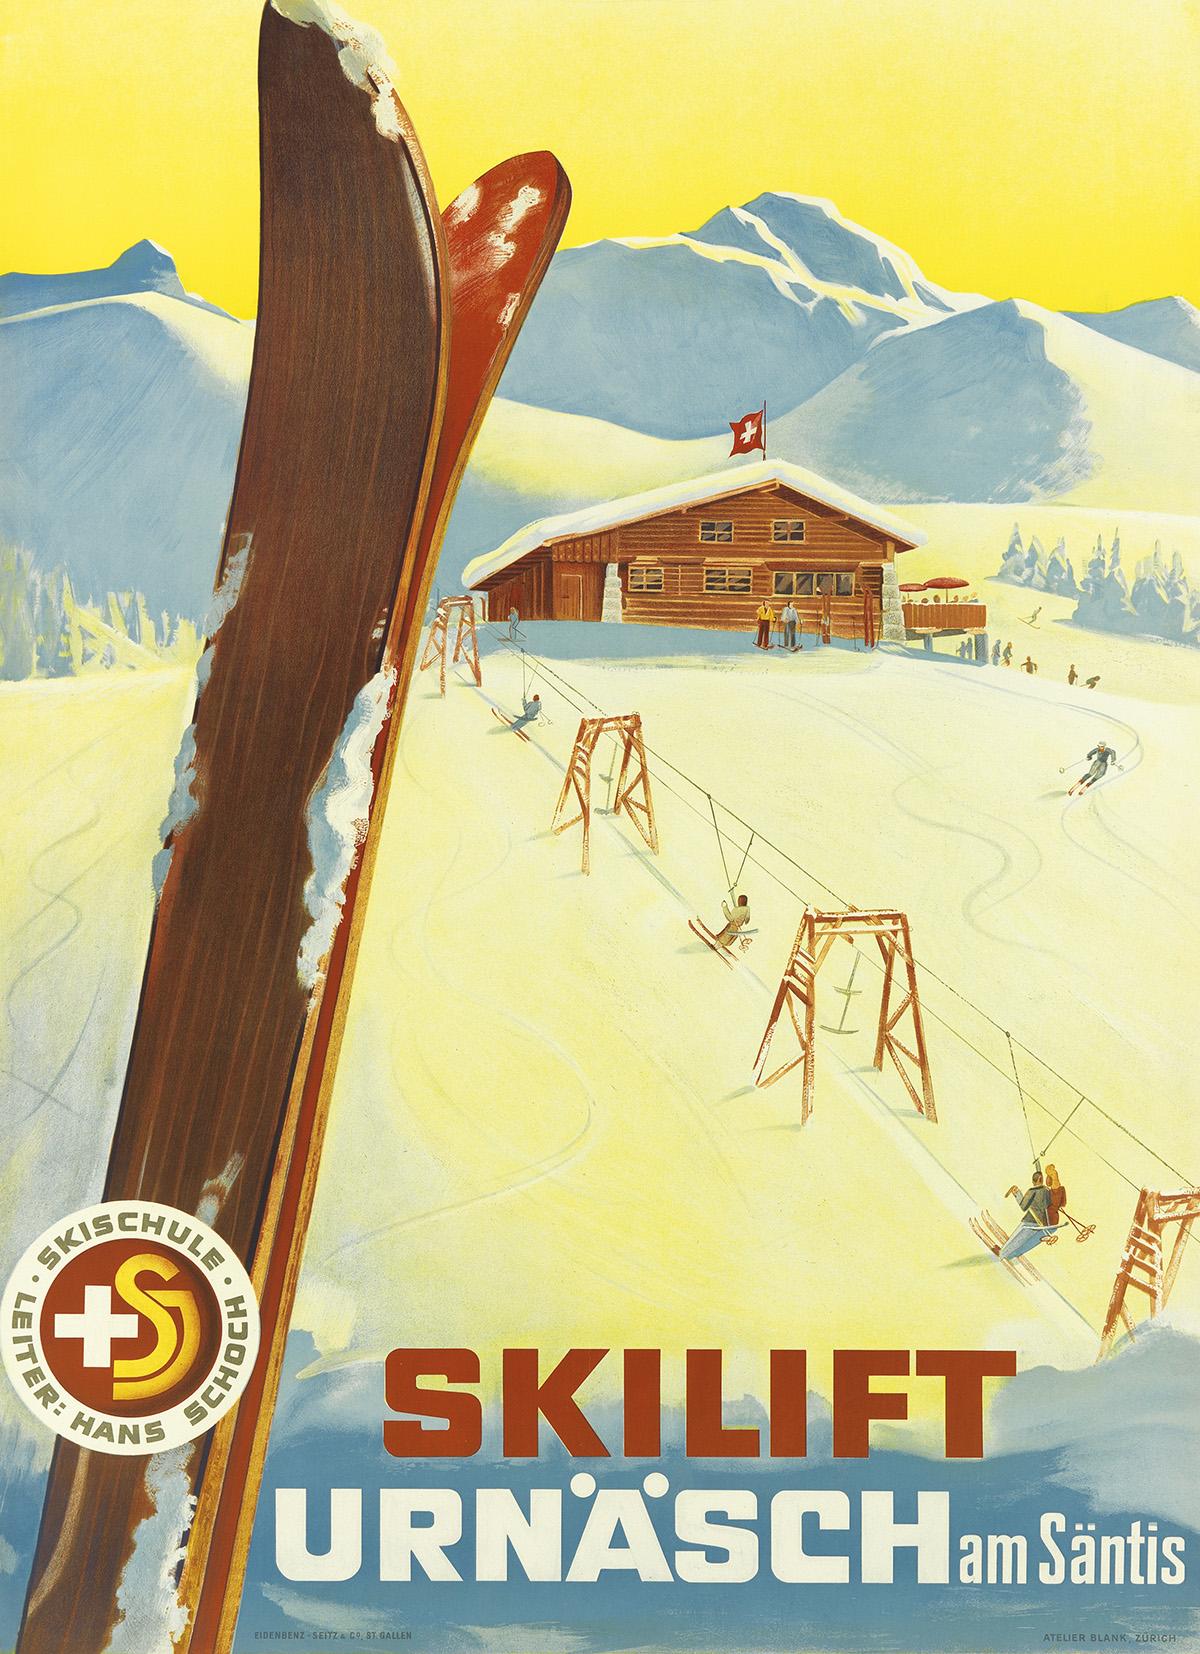 ATELIER-BLANK-SKILIFT-URNÄSCH--AM-SÄNTIS-1944-50x36-inches-1